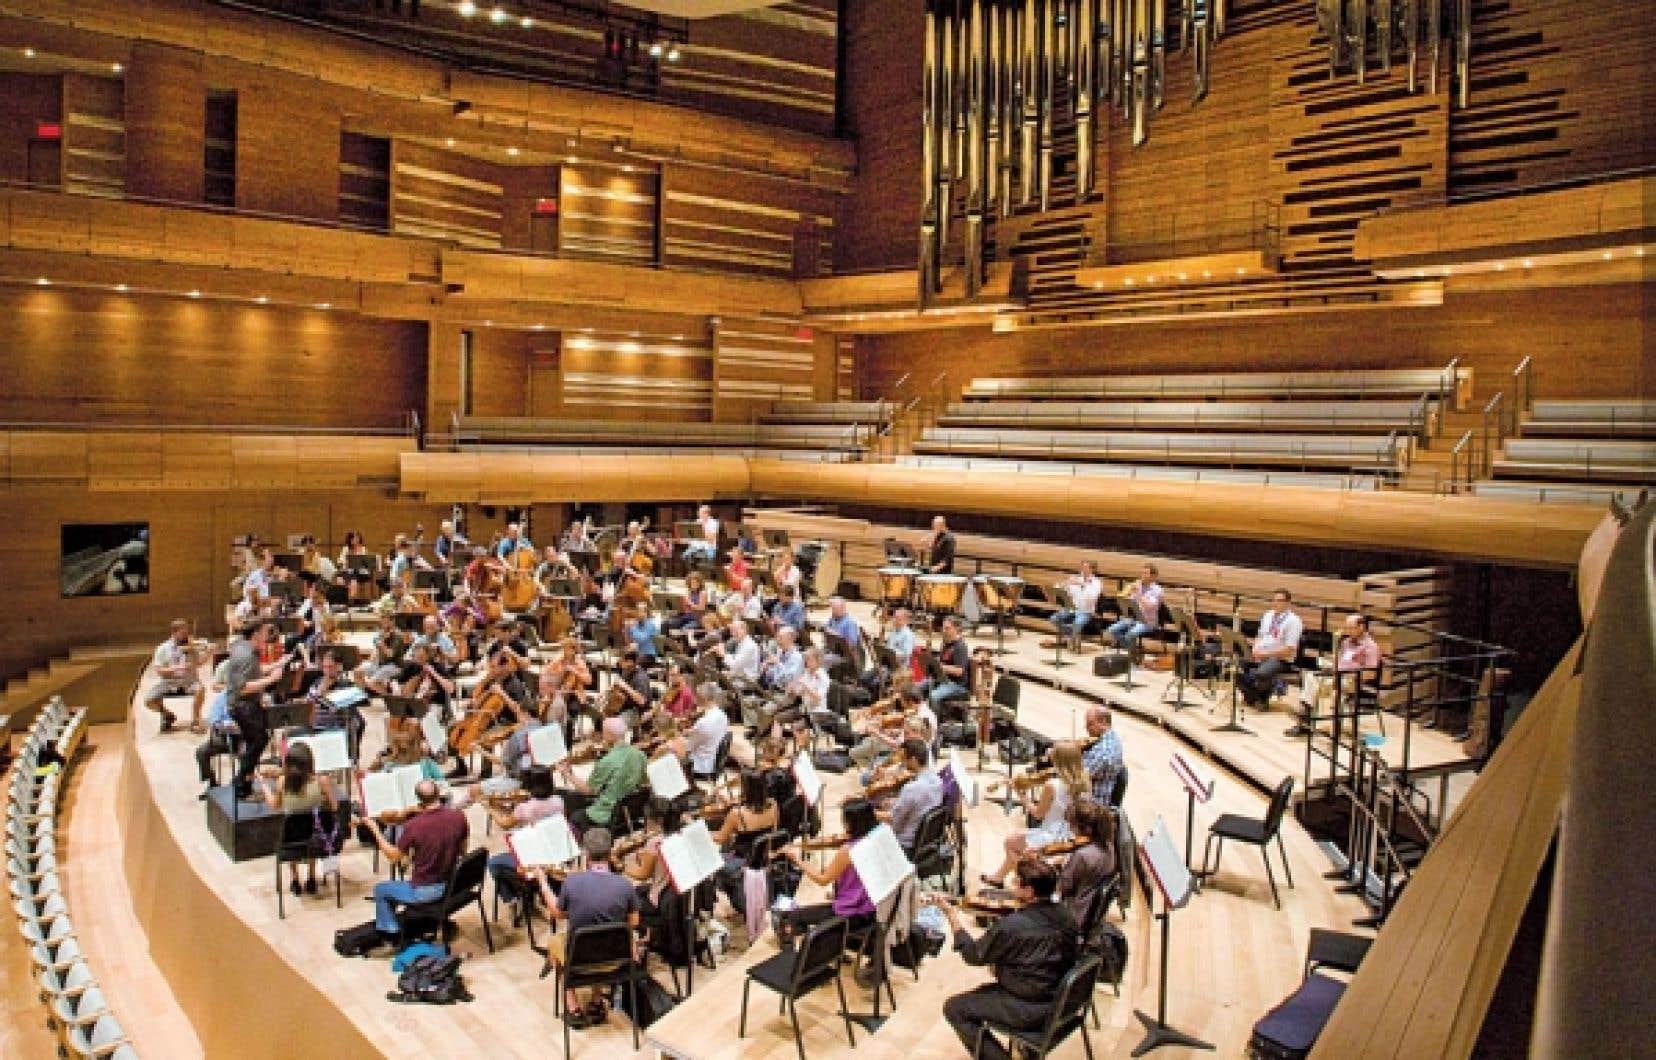 L&rsquo;Orchestre symphonique de Montr&eacute;al. <br />